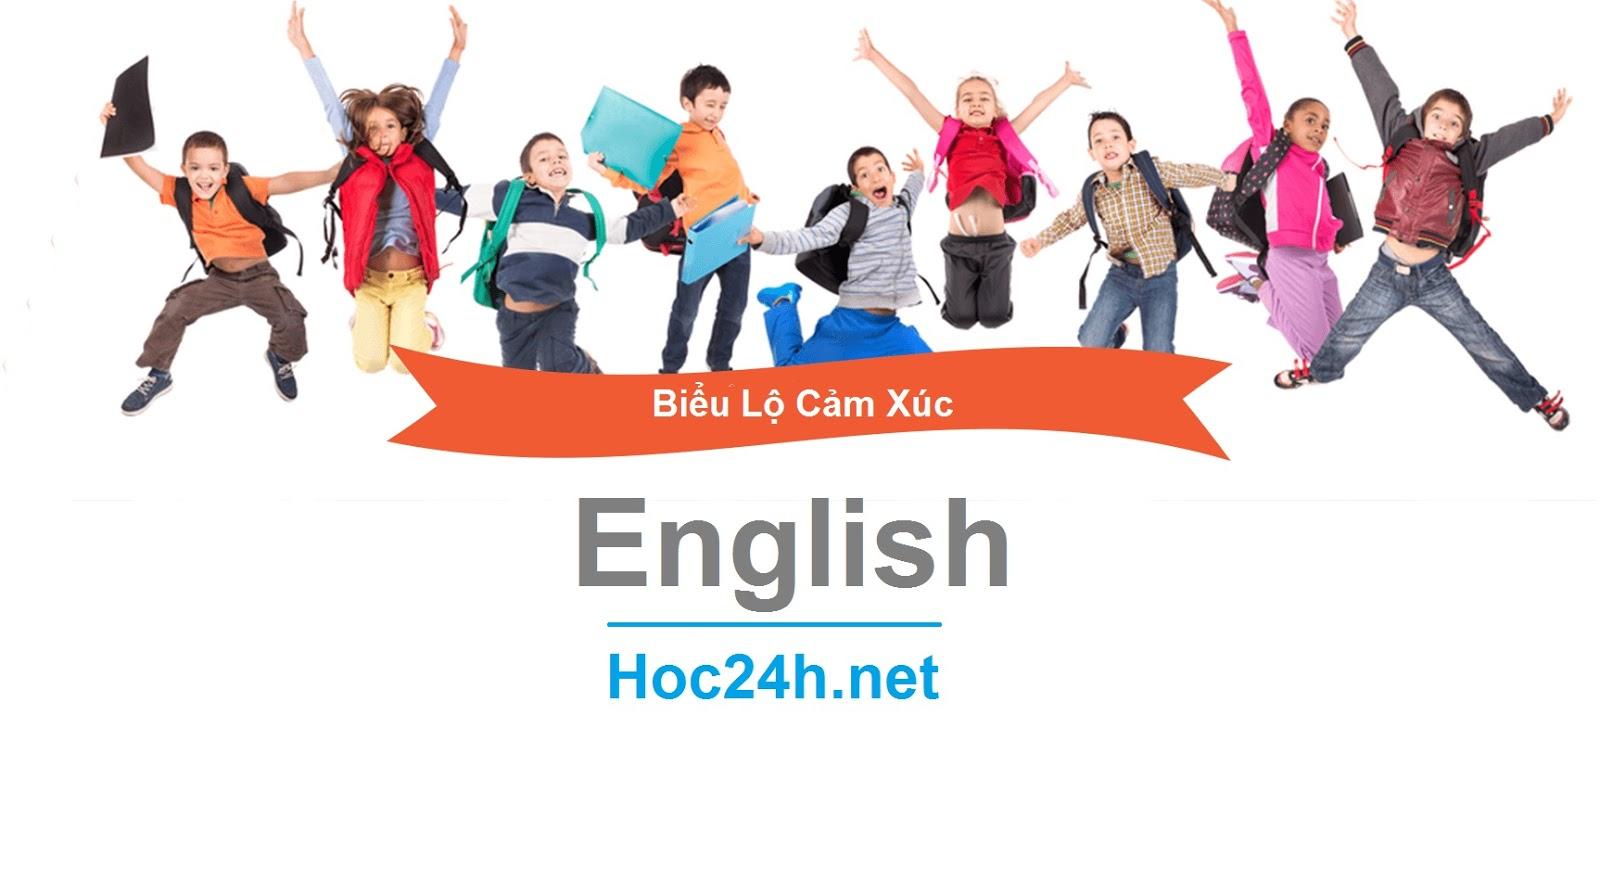 Tiếng Anh giao tiếp: Tự tin bộc lộ cảm xúc của bản thân bằng Tiếng Anh